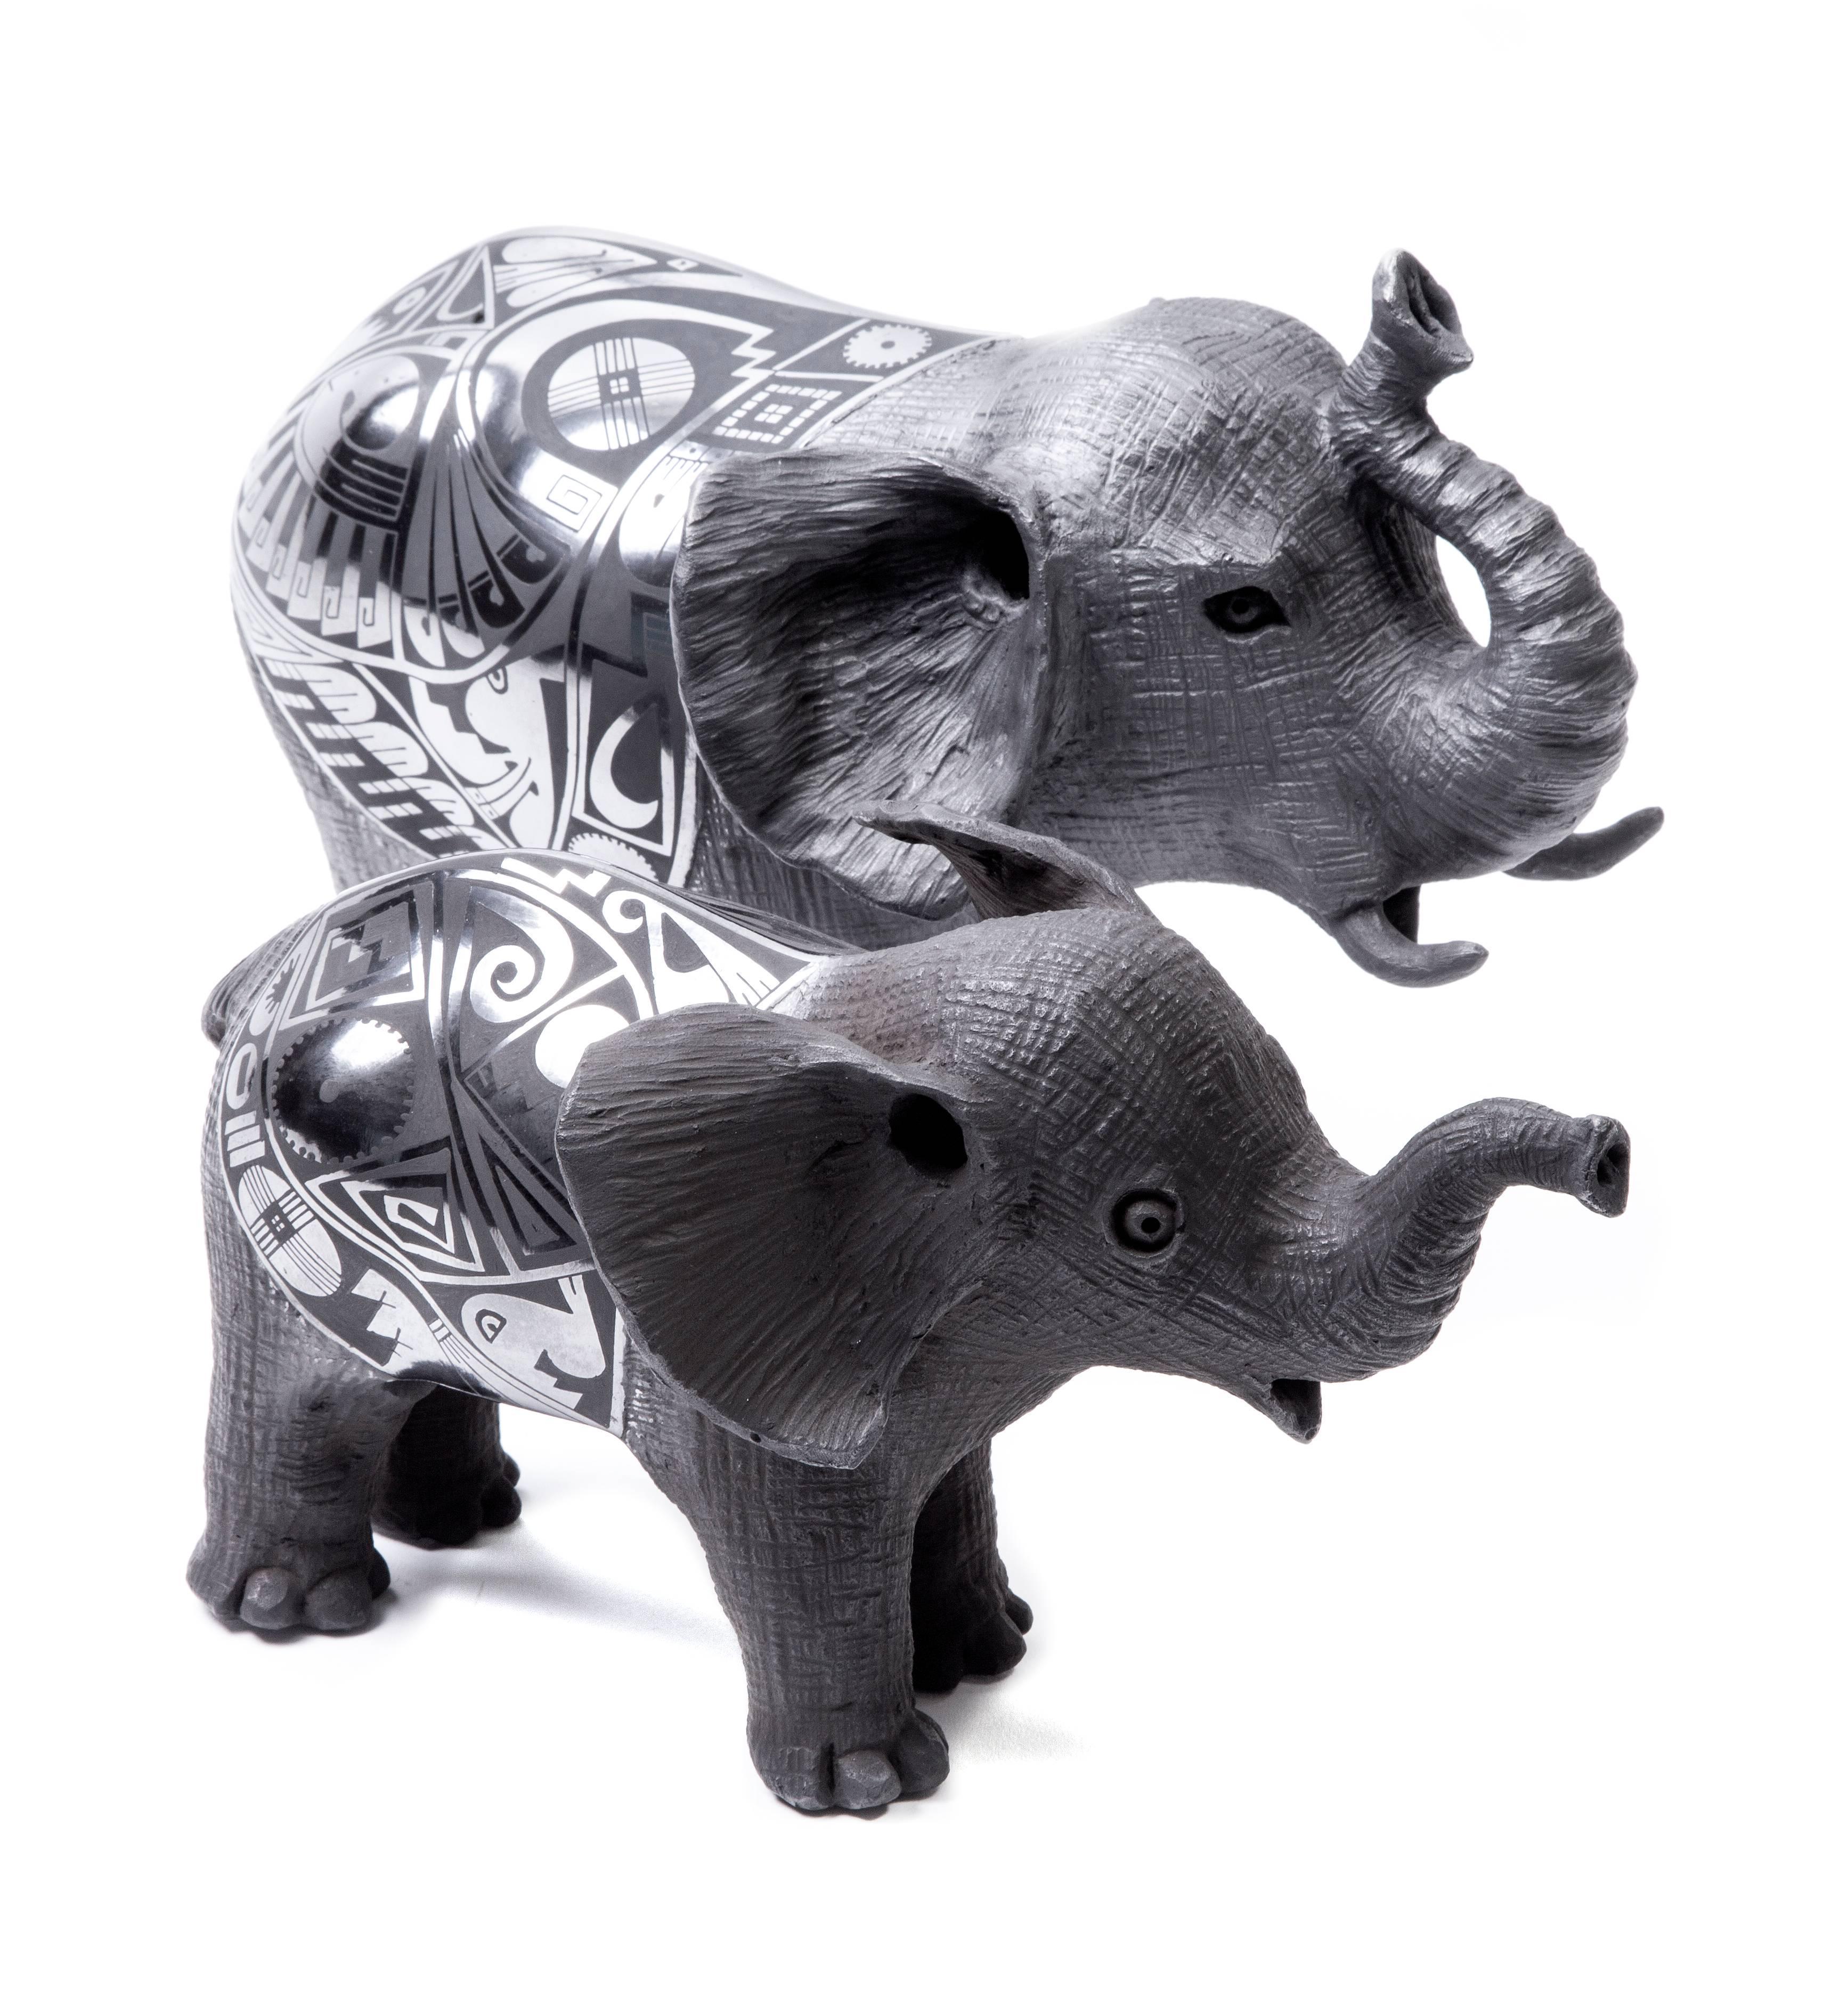 12'' Elefantes / Ceramics Mexican Folk Art Mata Ortiz